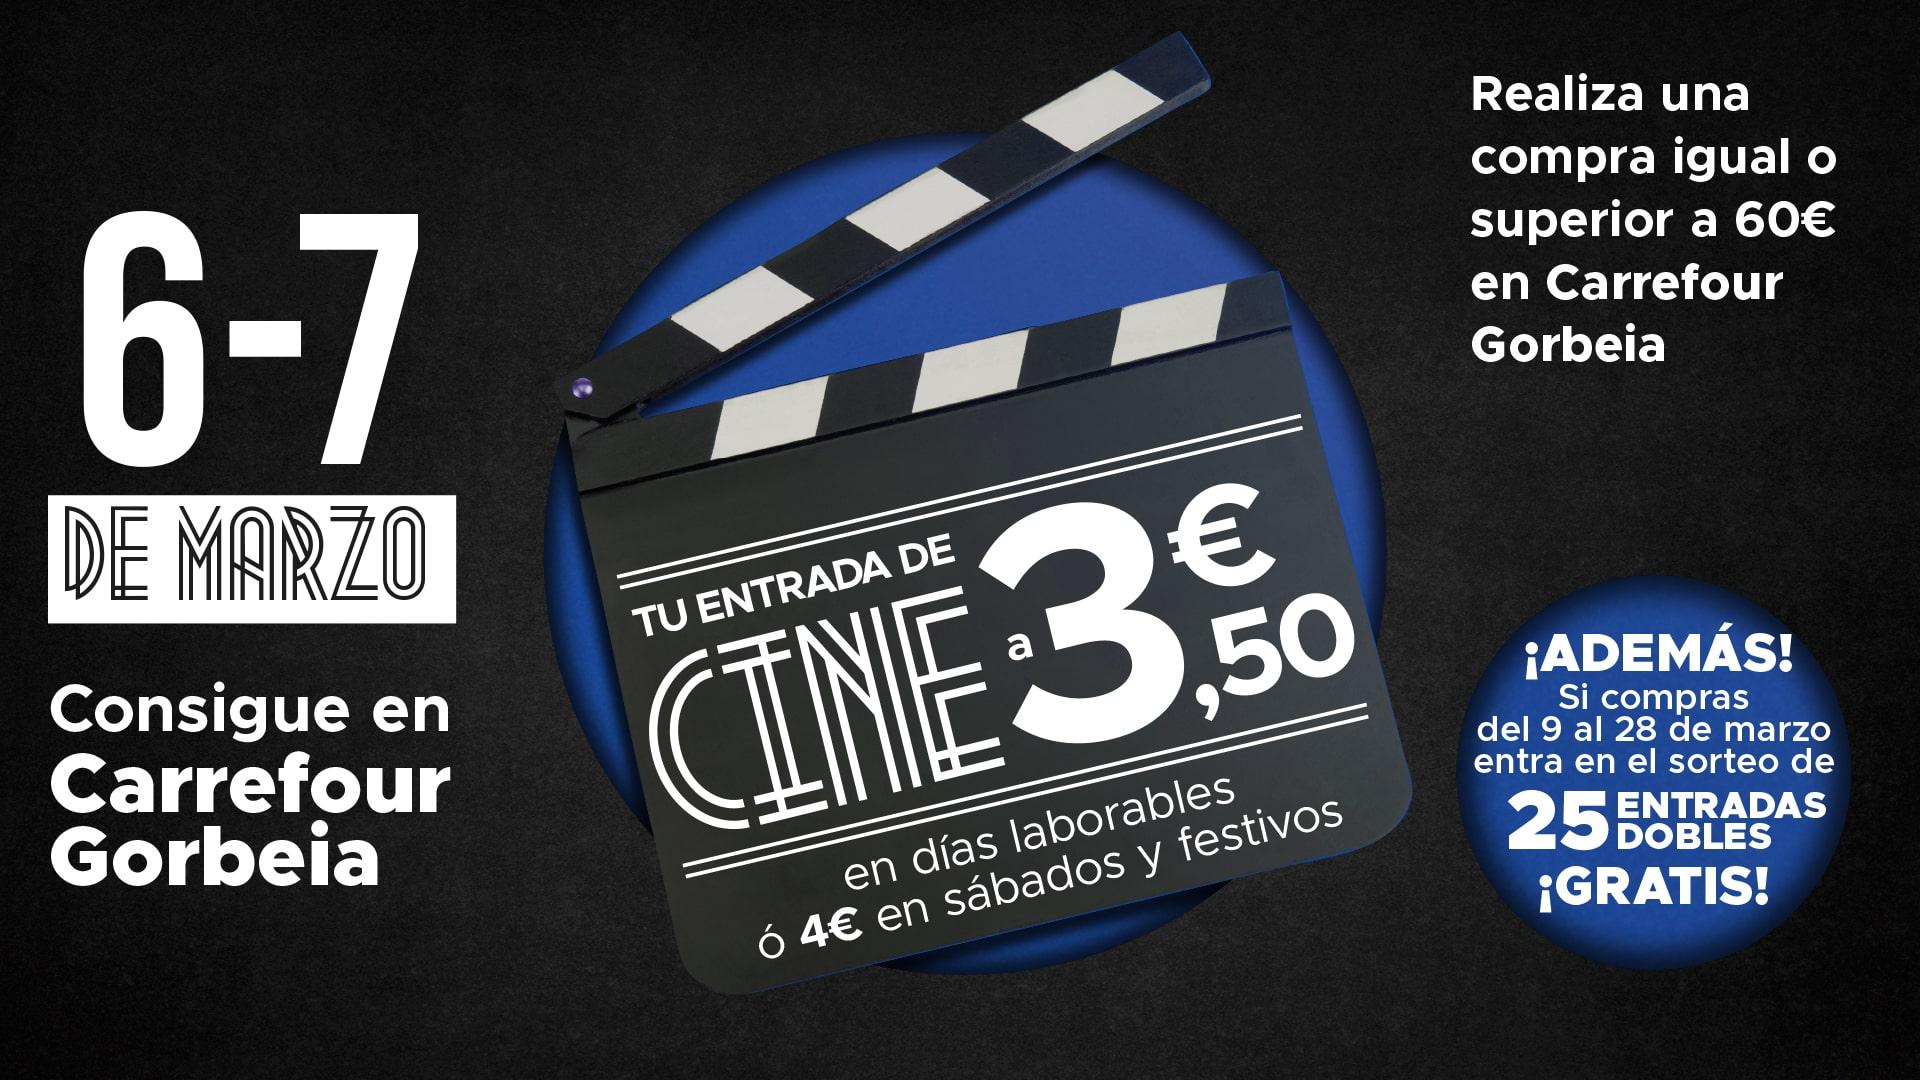 Realiza tu compra en Carrefour Gorbeia y consigue tu entrada de cine a 3,50€ en Cines Gorbeia Zinemak